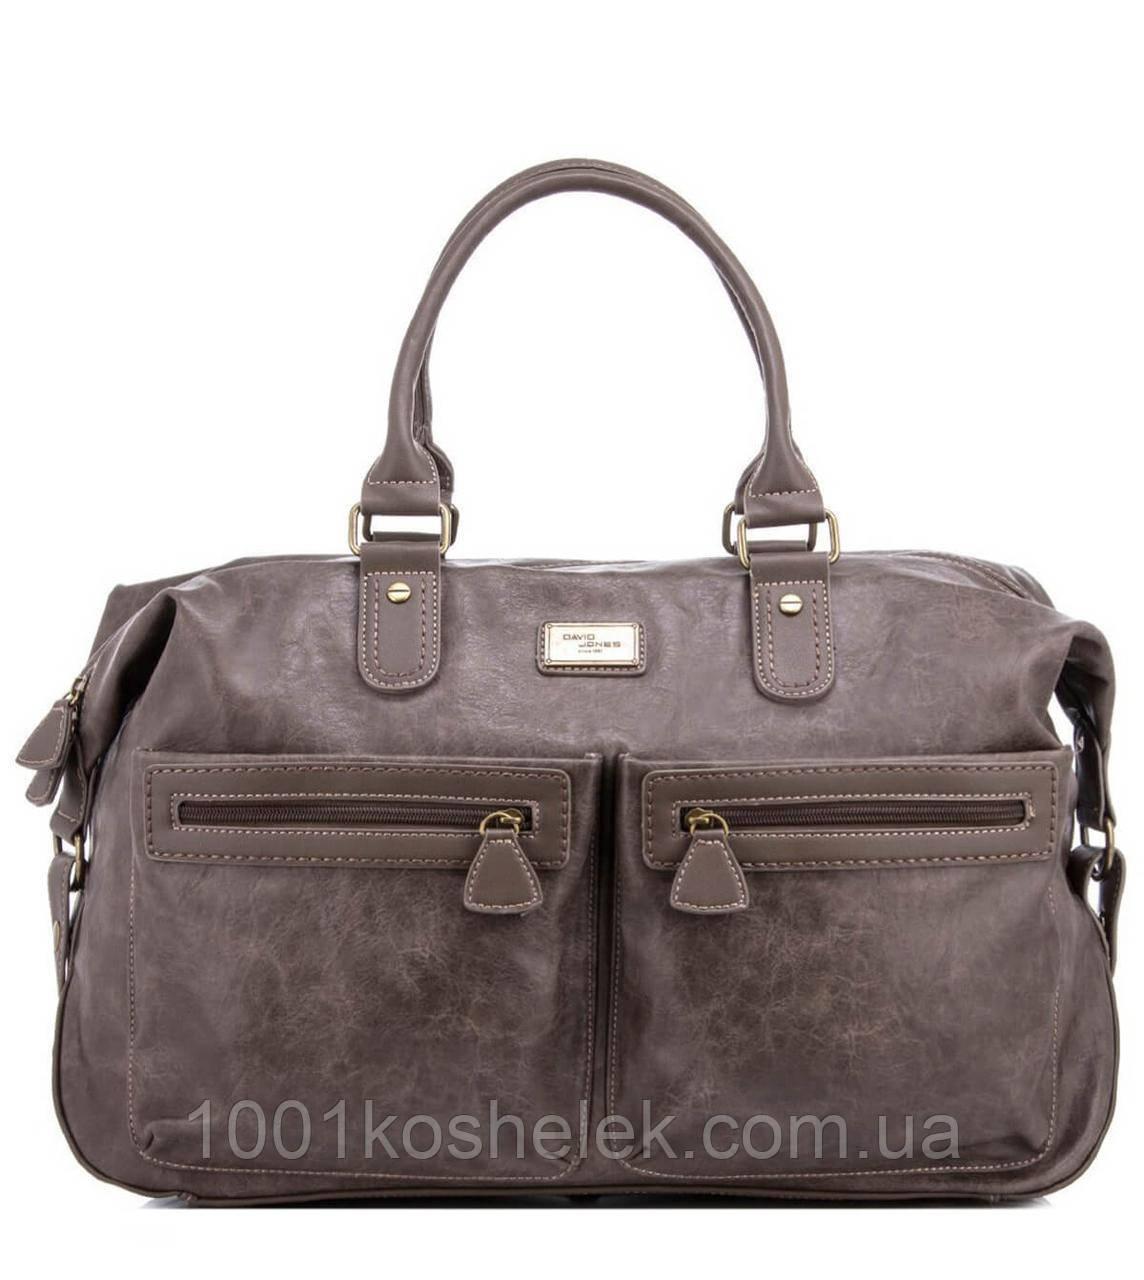 Дорожная сумка David Jones CM3553 (Тауп)